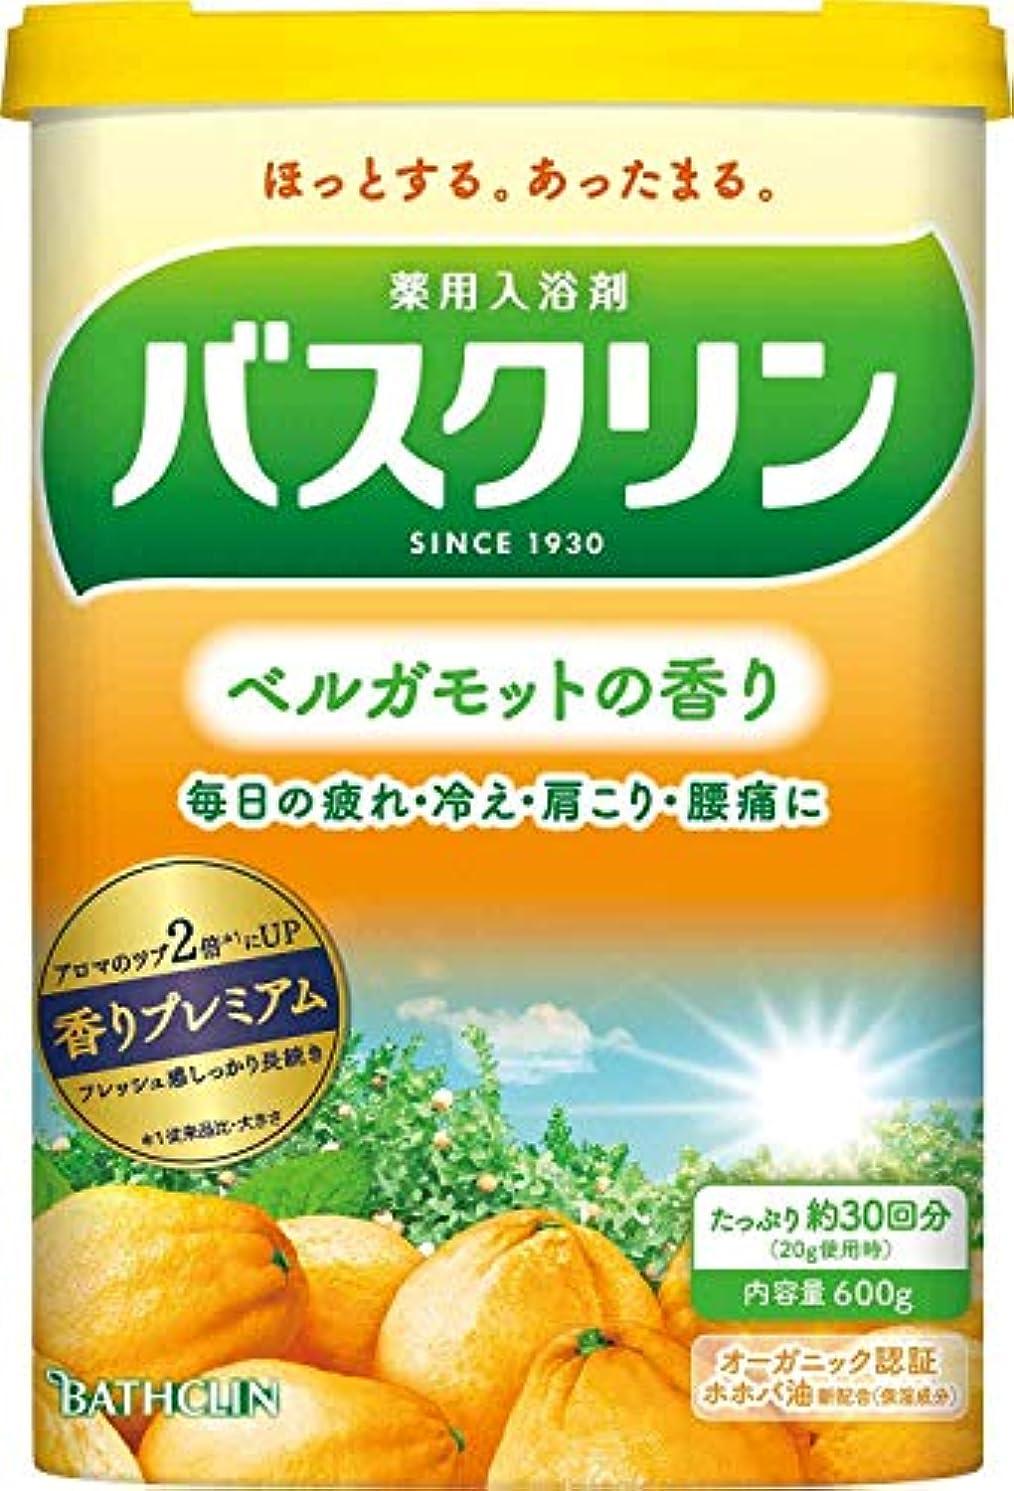 微生物人気のラケット【医薬部外品】バスクリンベルガモットの香り600g入浴剤(約30回分)